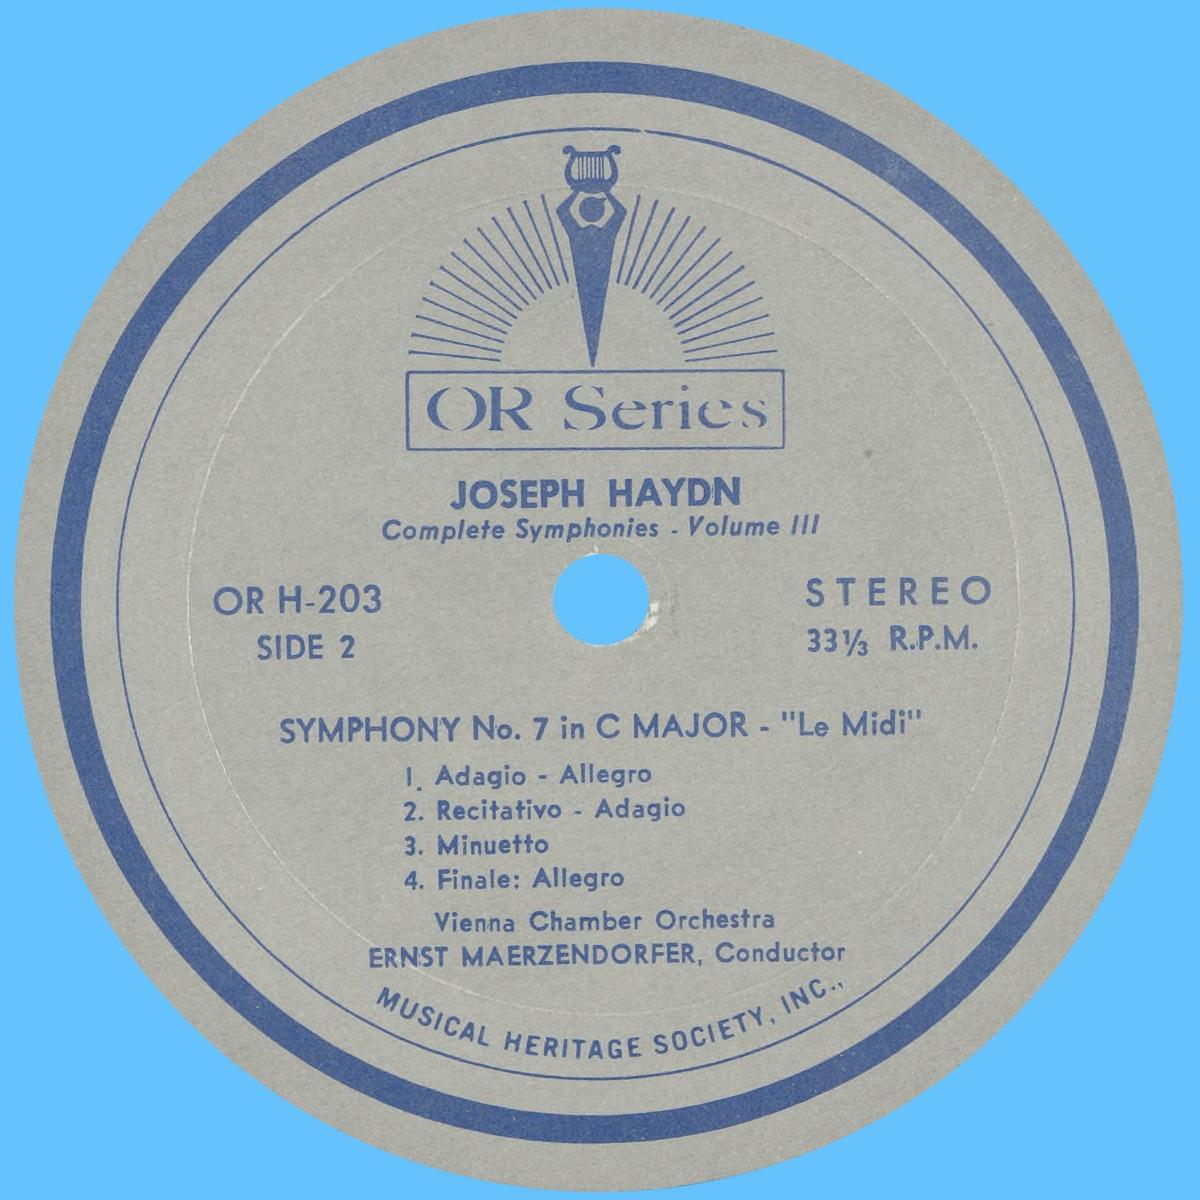 Étiquette verso du disque MHS Orpheus OR H-203